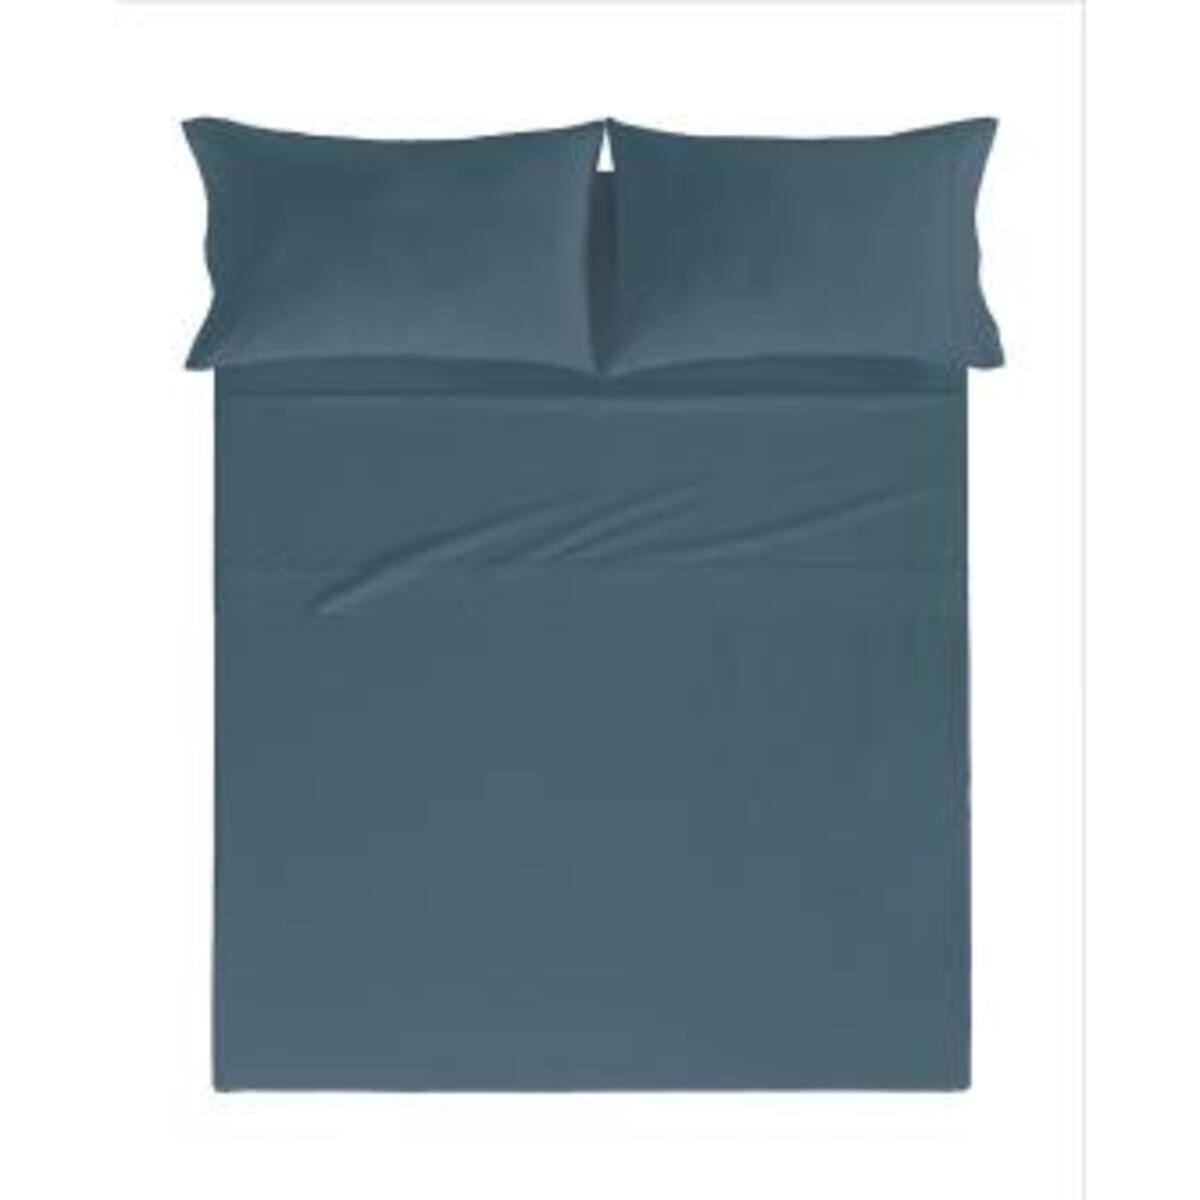 Drap de lit en coton percale pétrole 160x280